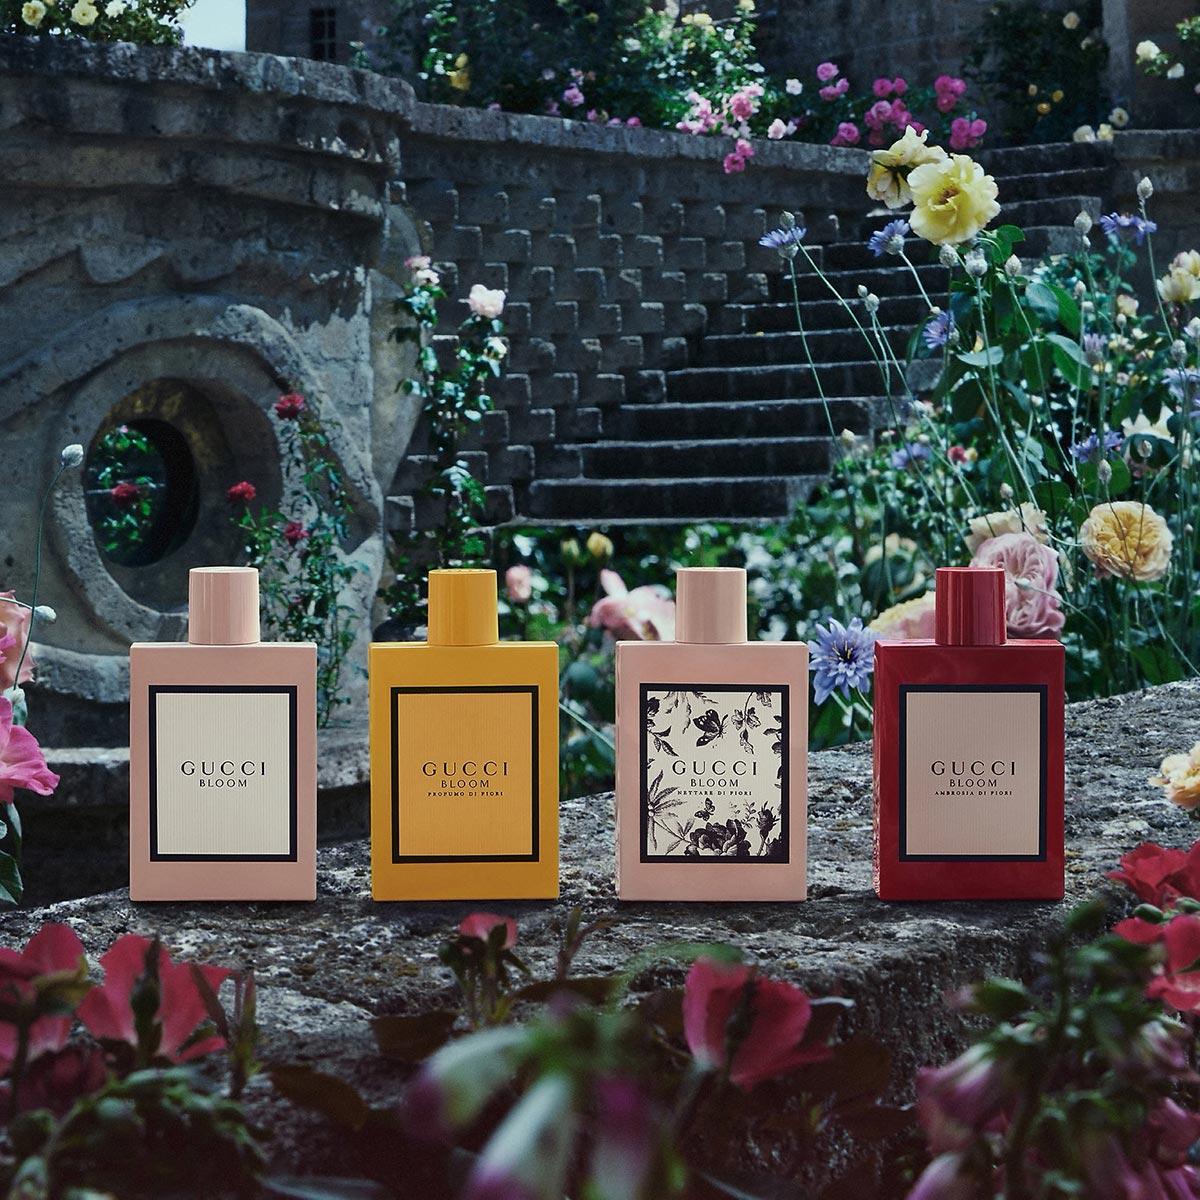 Gucci mở rộng dòng Gucci Bloom với nước hoa Profumo Di Fiori 3